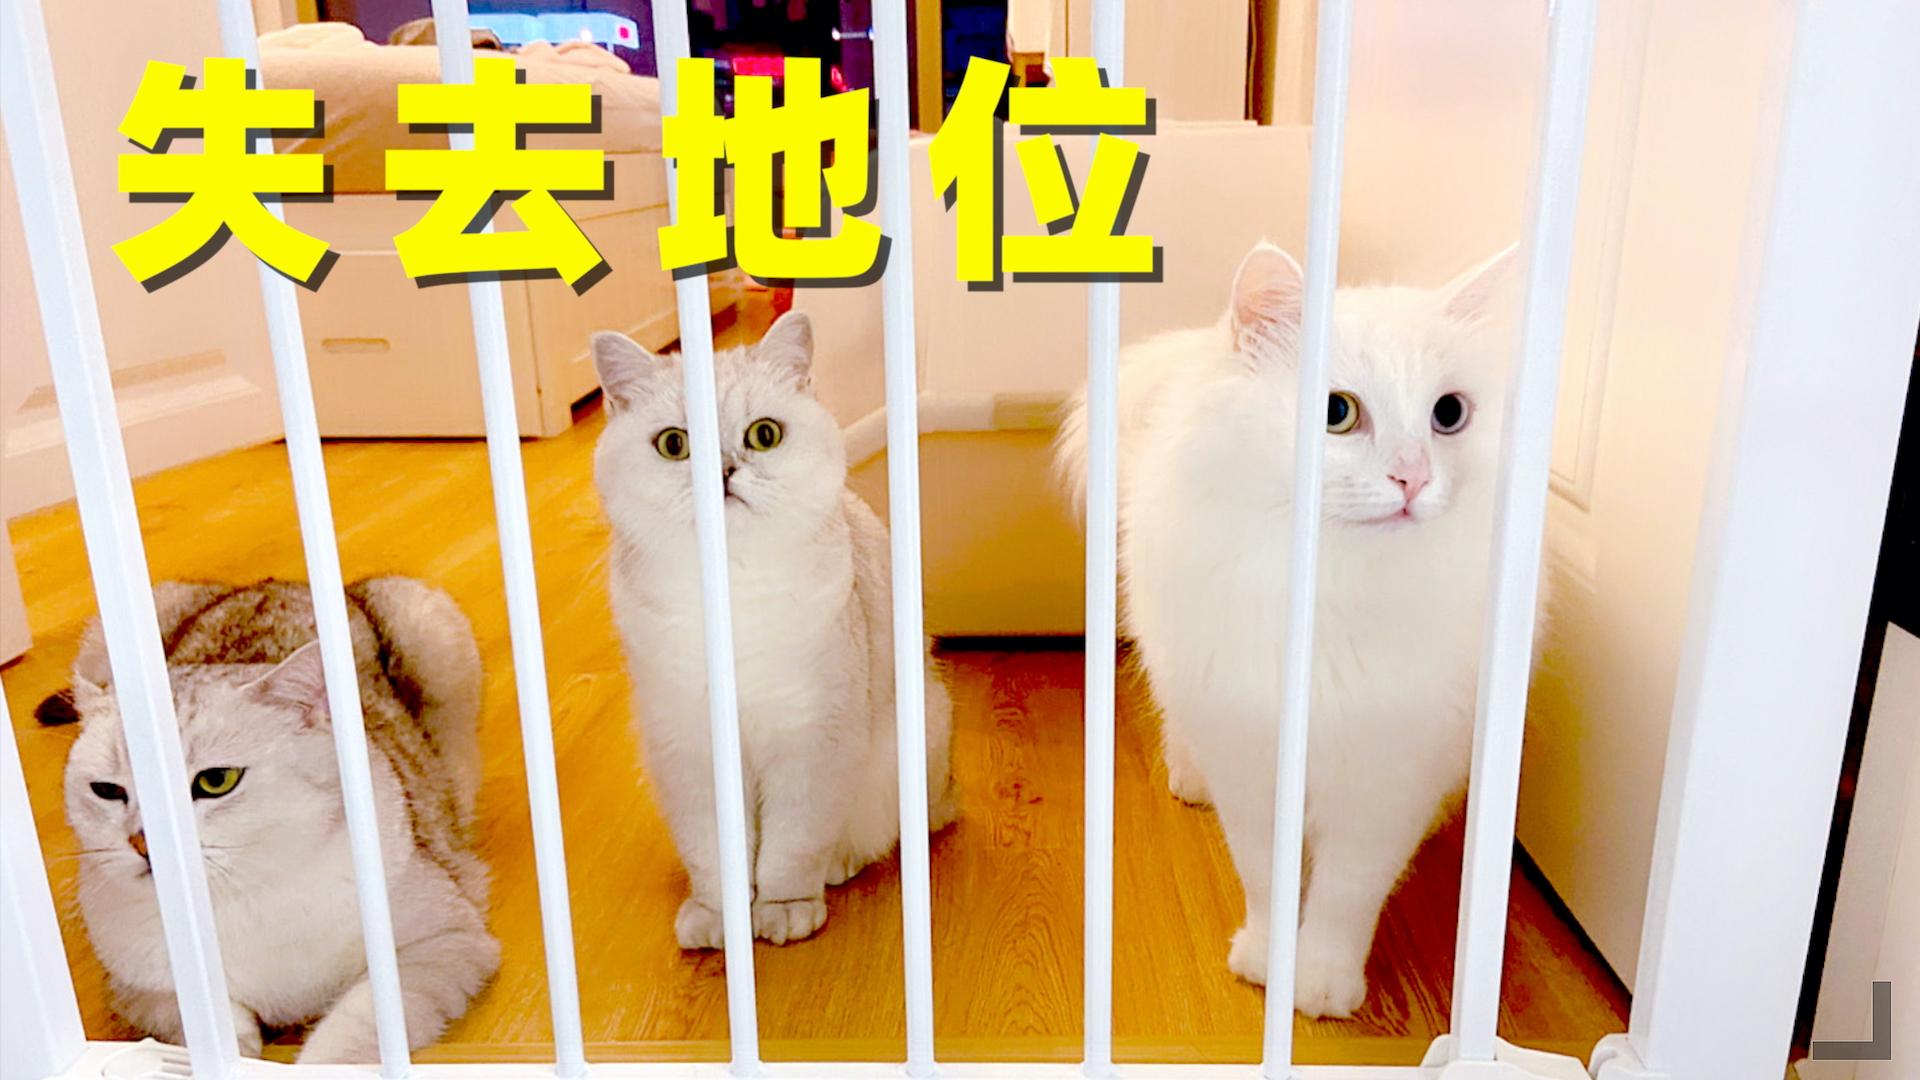 养猫五年第一次养狗,猫咪逐渐被遗忘,狗儿子地位上升